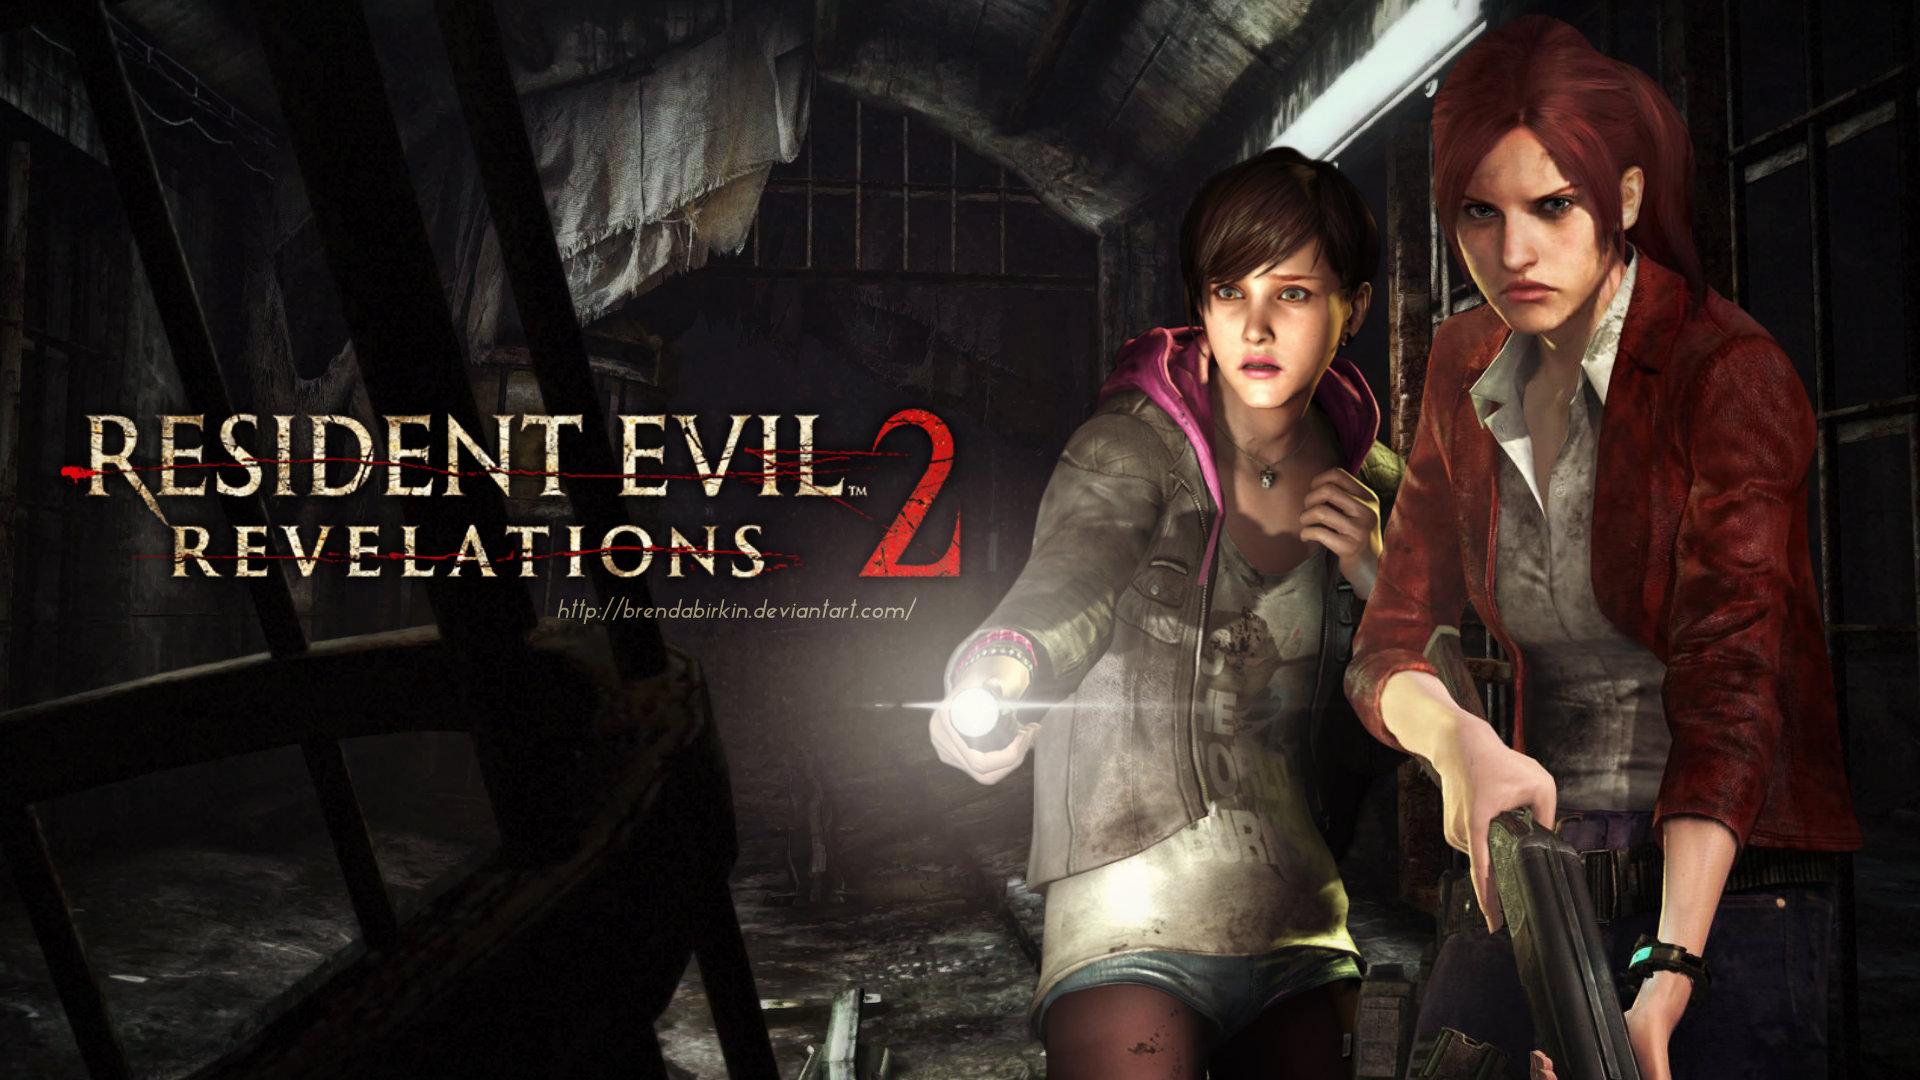 Resident Evil Revelations 2 Wallpaper By Brendabirkin On Deviantart